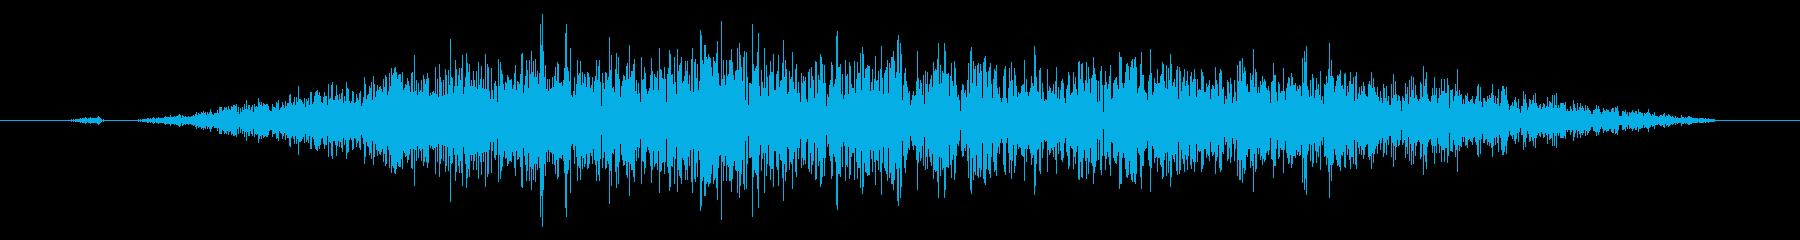 スワイプ/キャンセル/場面転換に最適!3の再生済みの波形